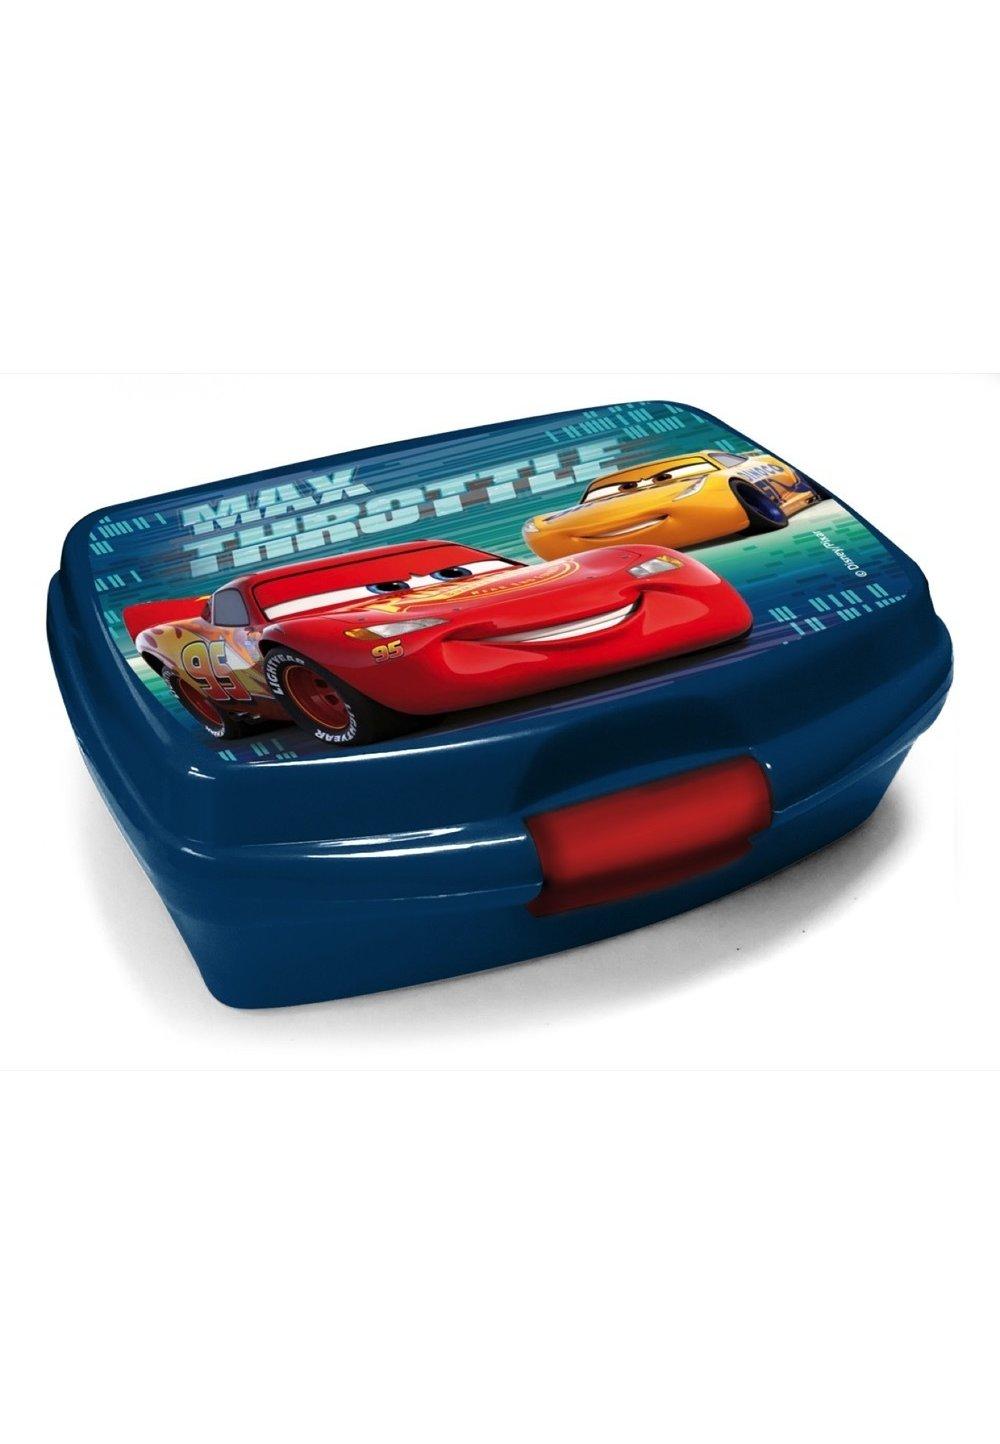 Cutie alimentara, Cars, Max throttle, albastra, 16x11x6 cm imagine